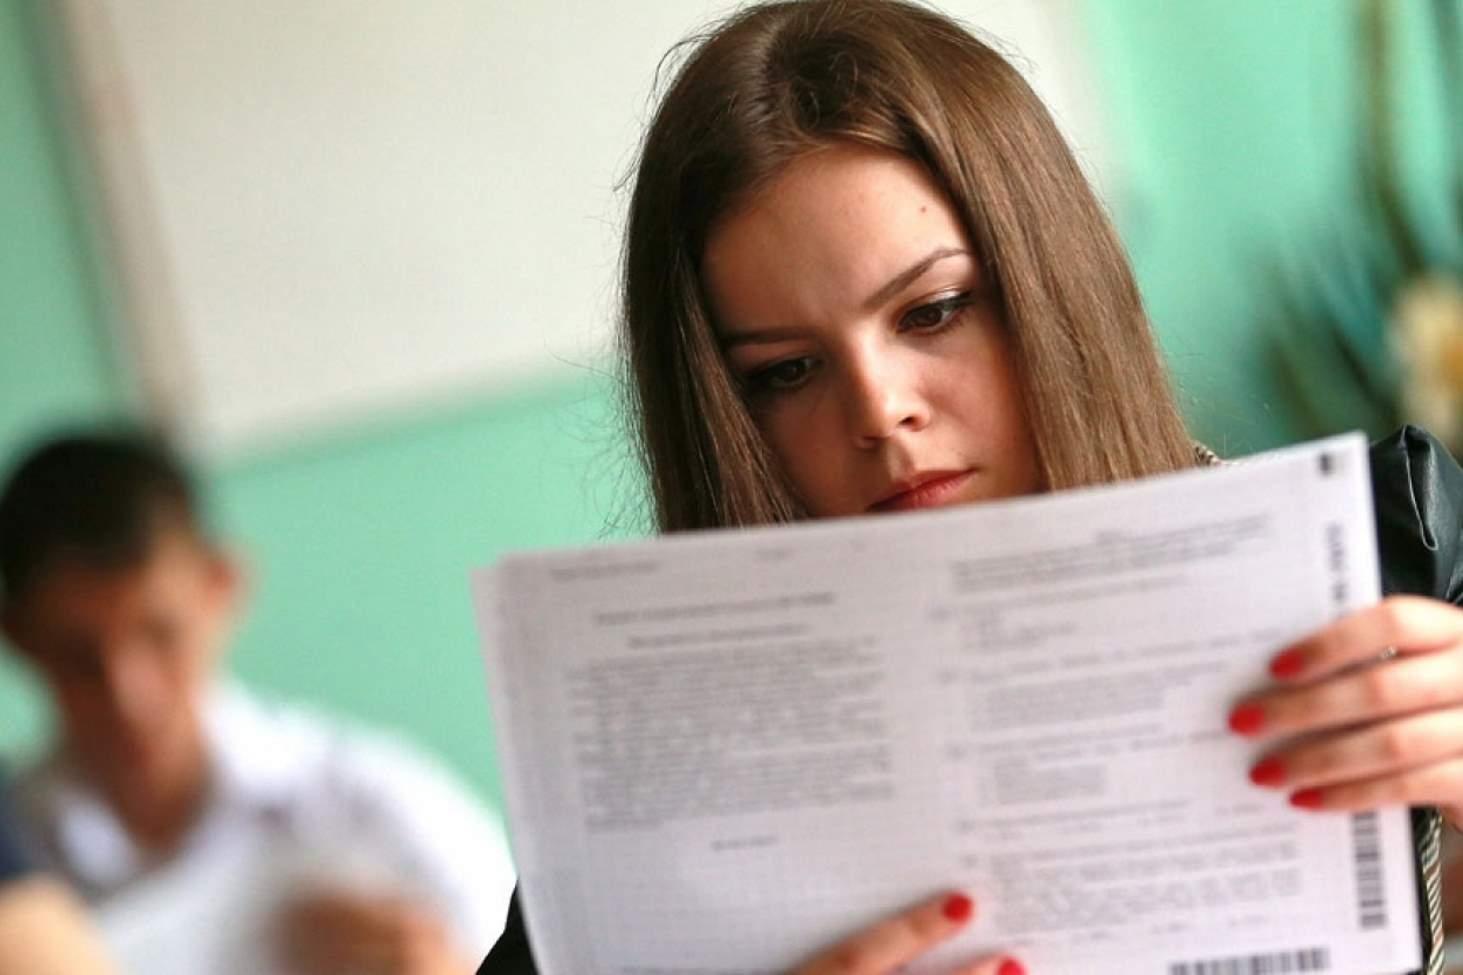 deputat-gosdumy-v-shkolah-nado-provodit-psihologicheskie-treningi-pered-ege